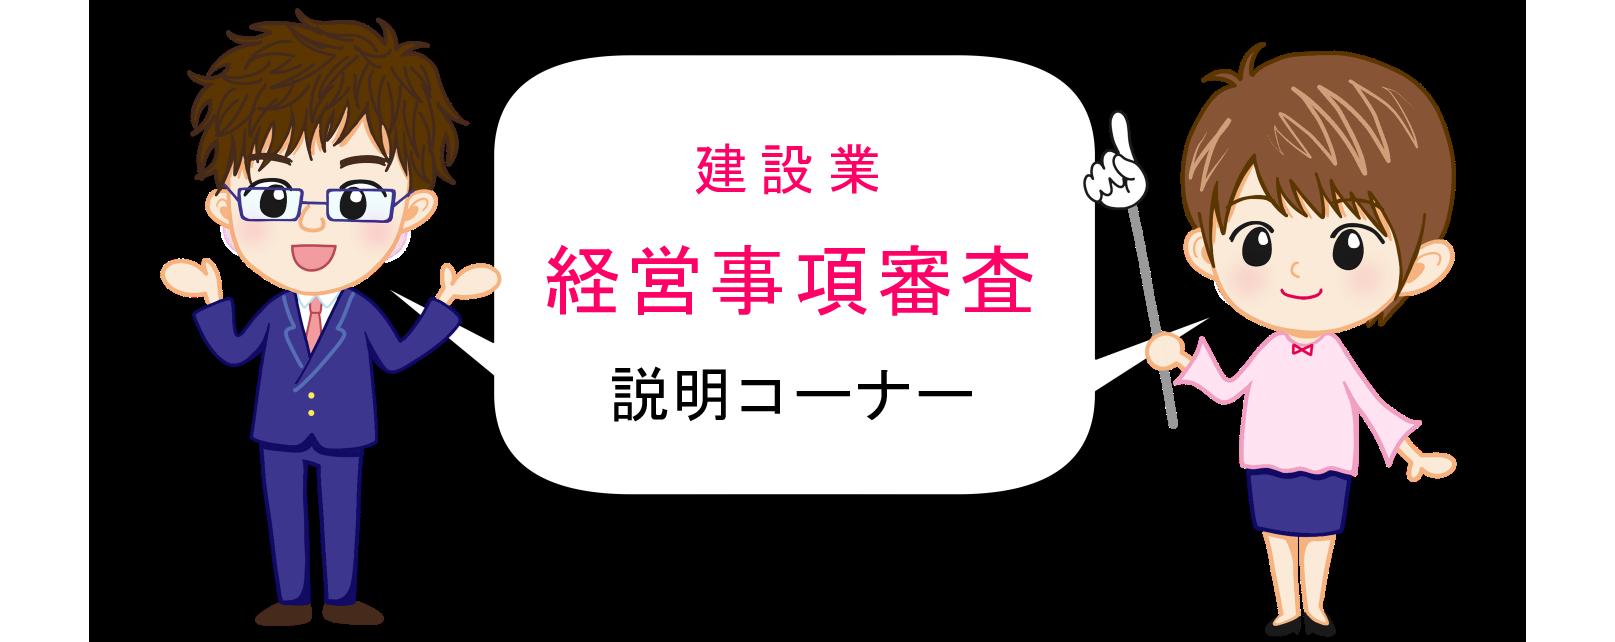 収運タイトル (3) (2)